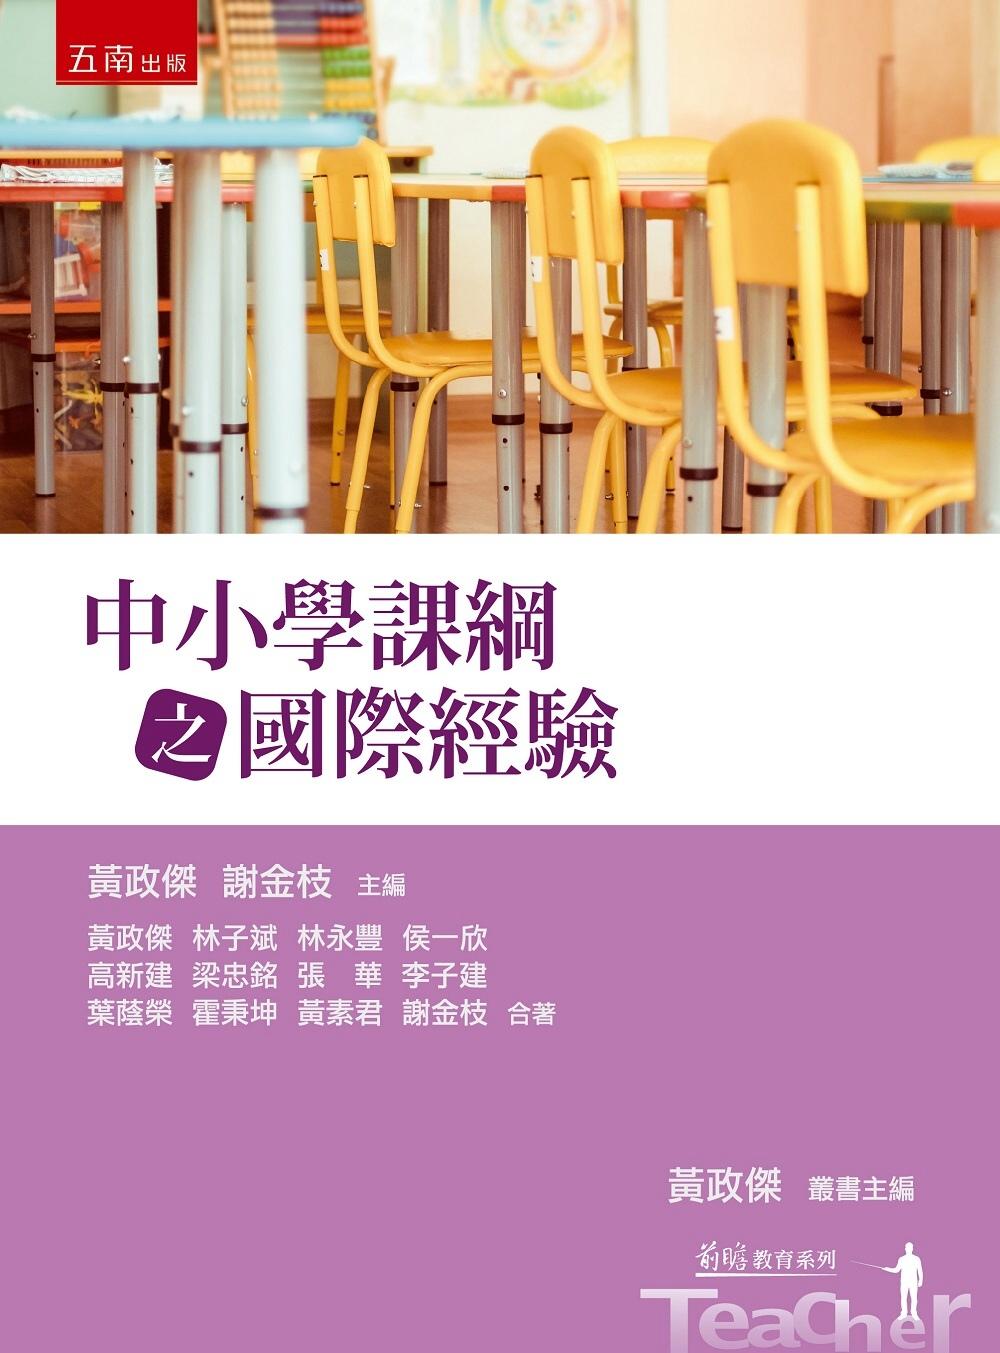 中小學課綱之國際經驗